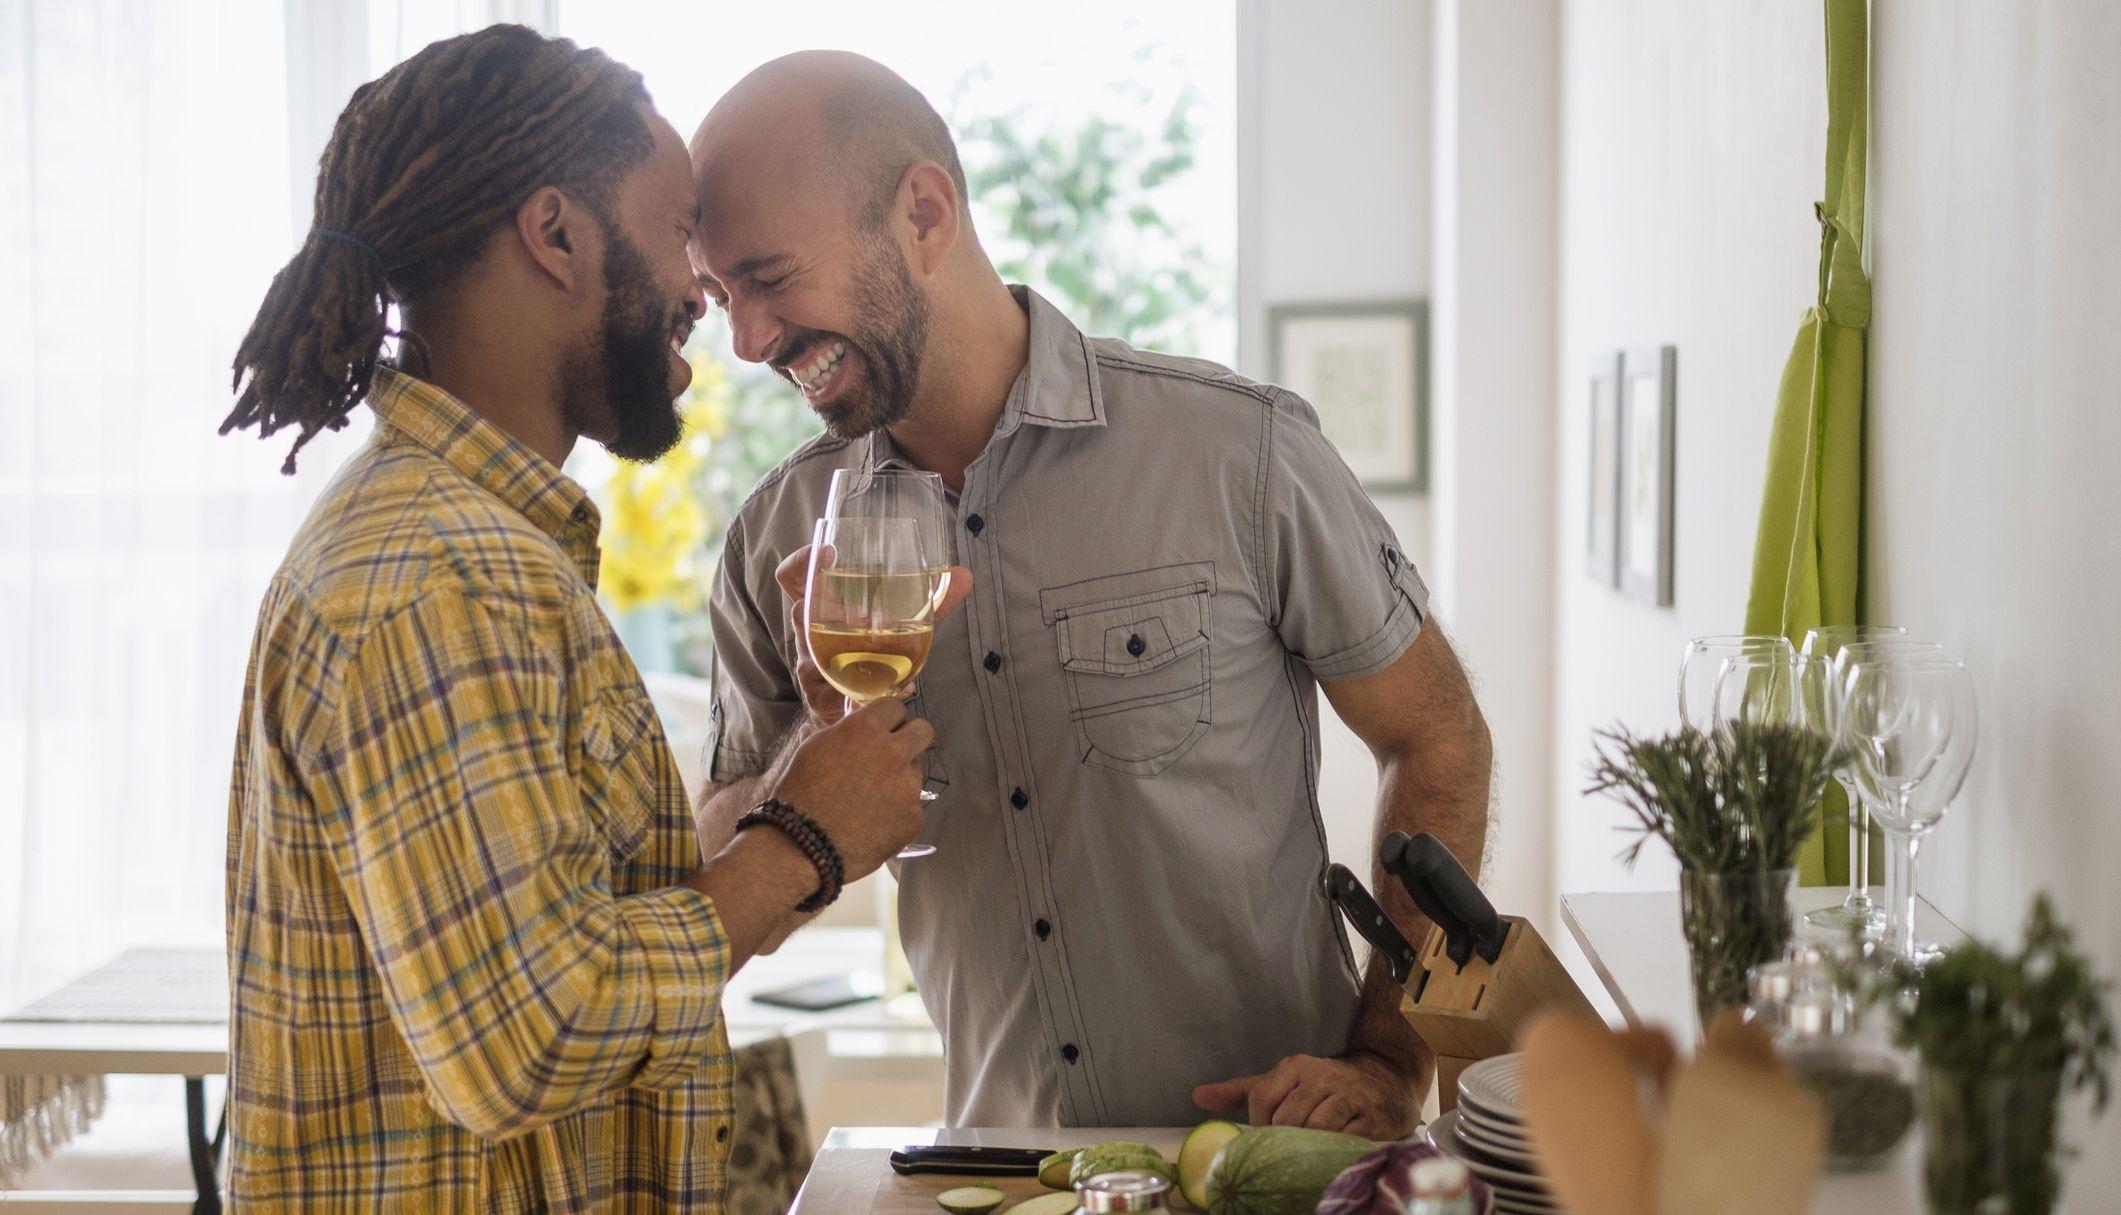 El hombre gay, más propenso a combinar sexo y drogas